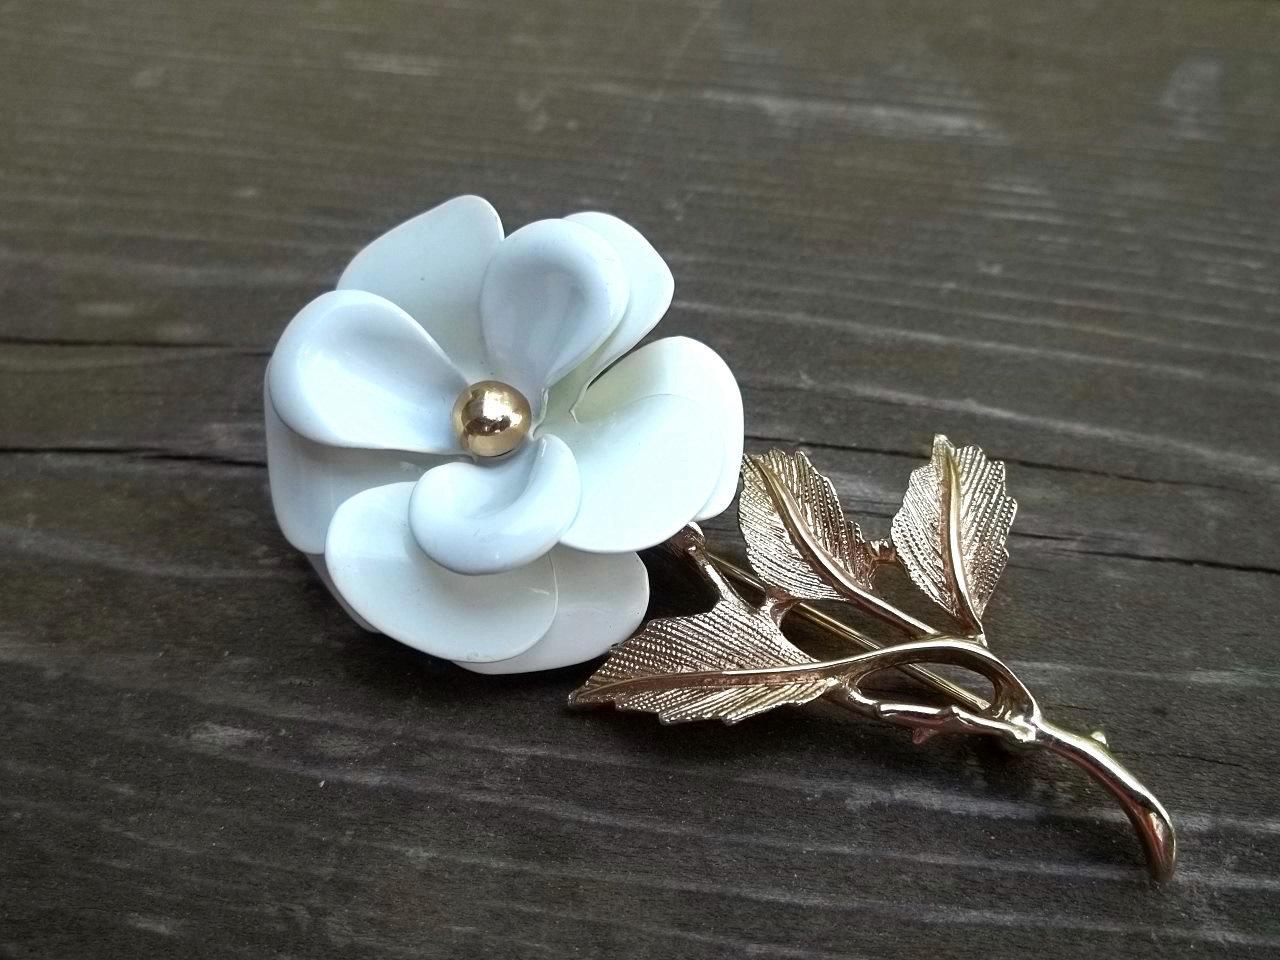 Avon White Enamel Stemmed Flower Brooch Pin And 40 Similar Items